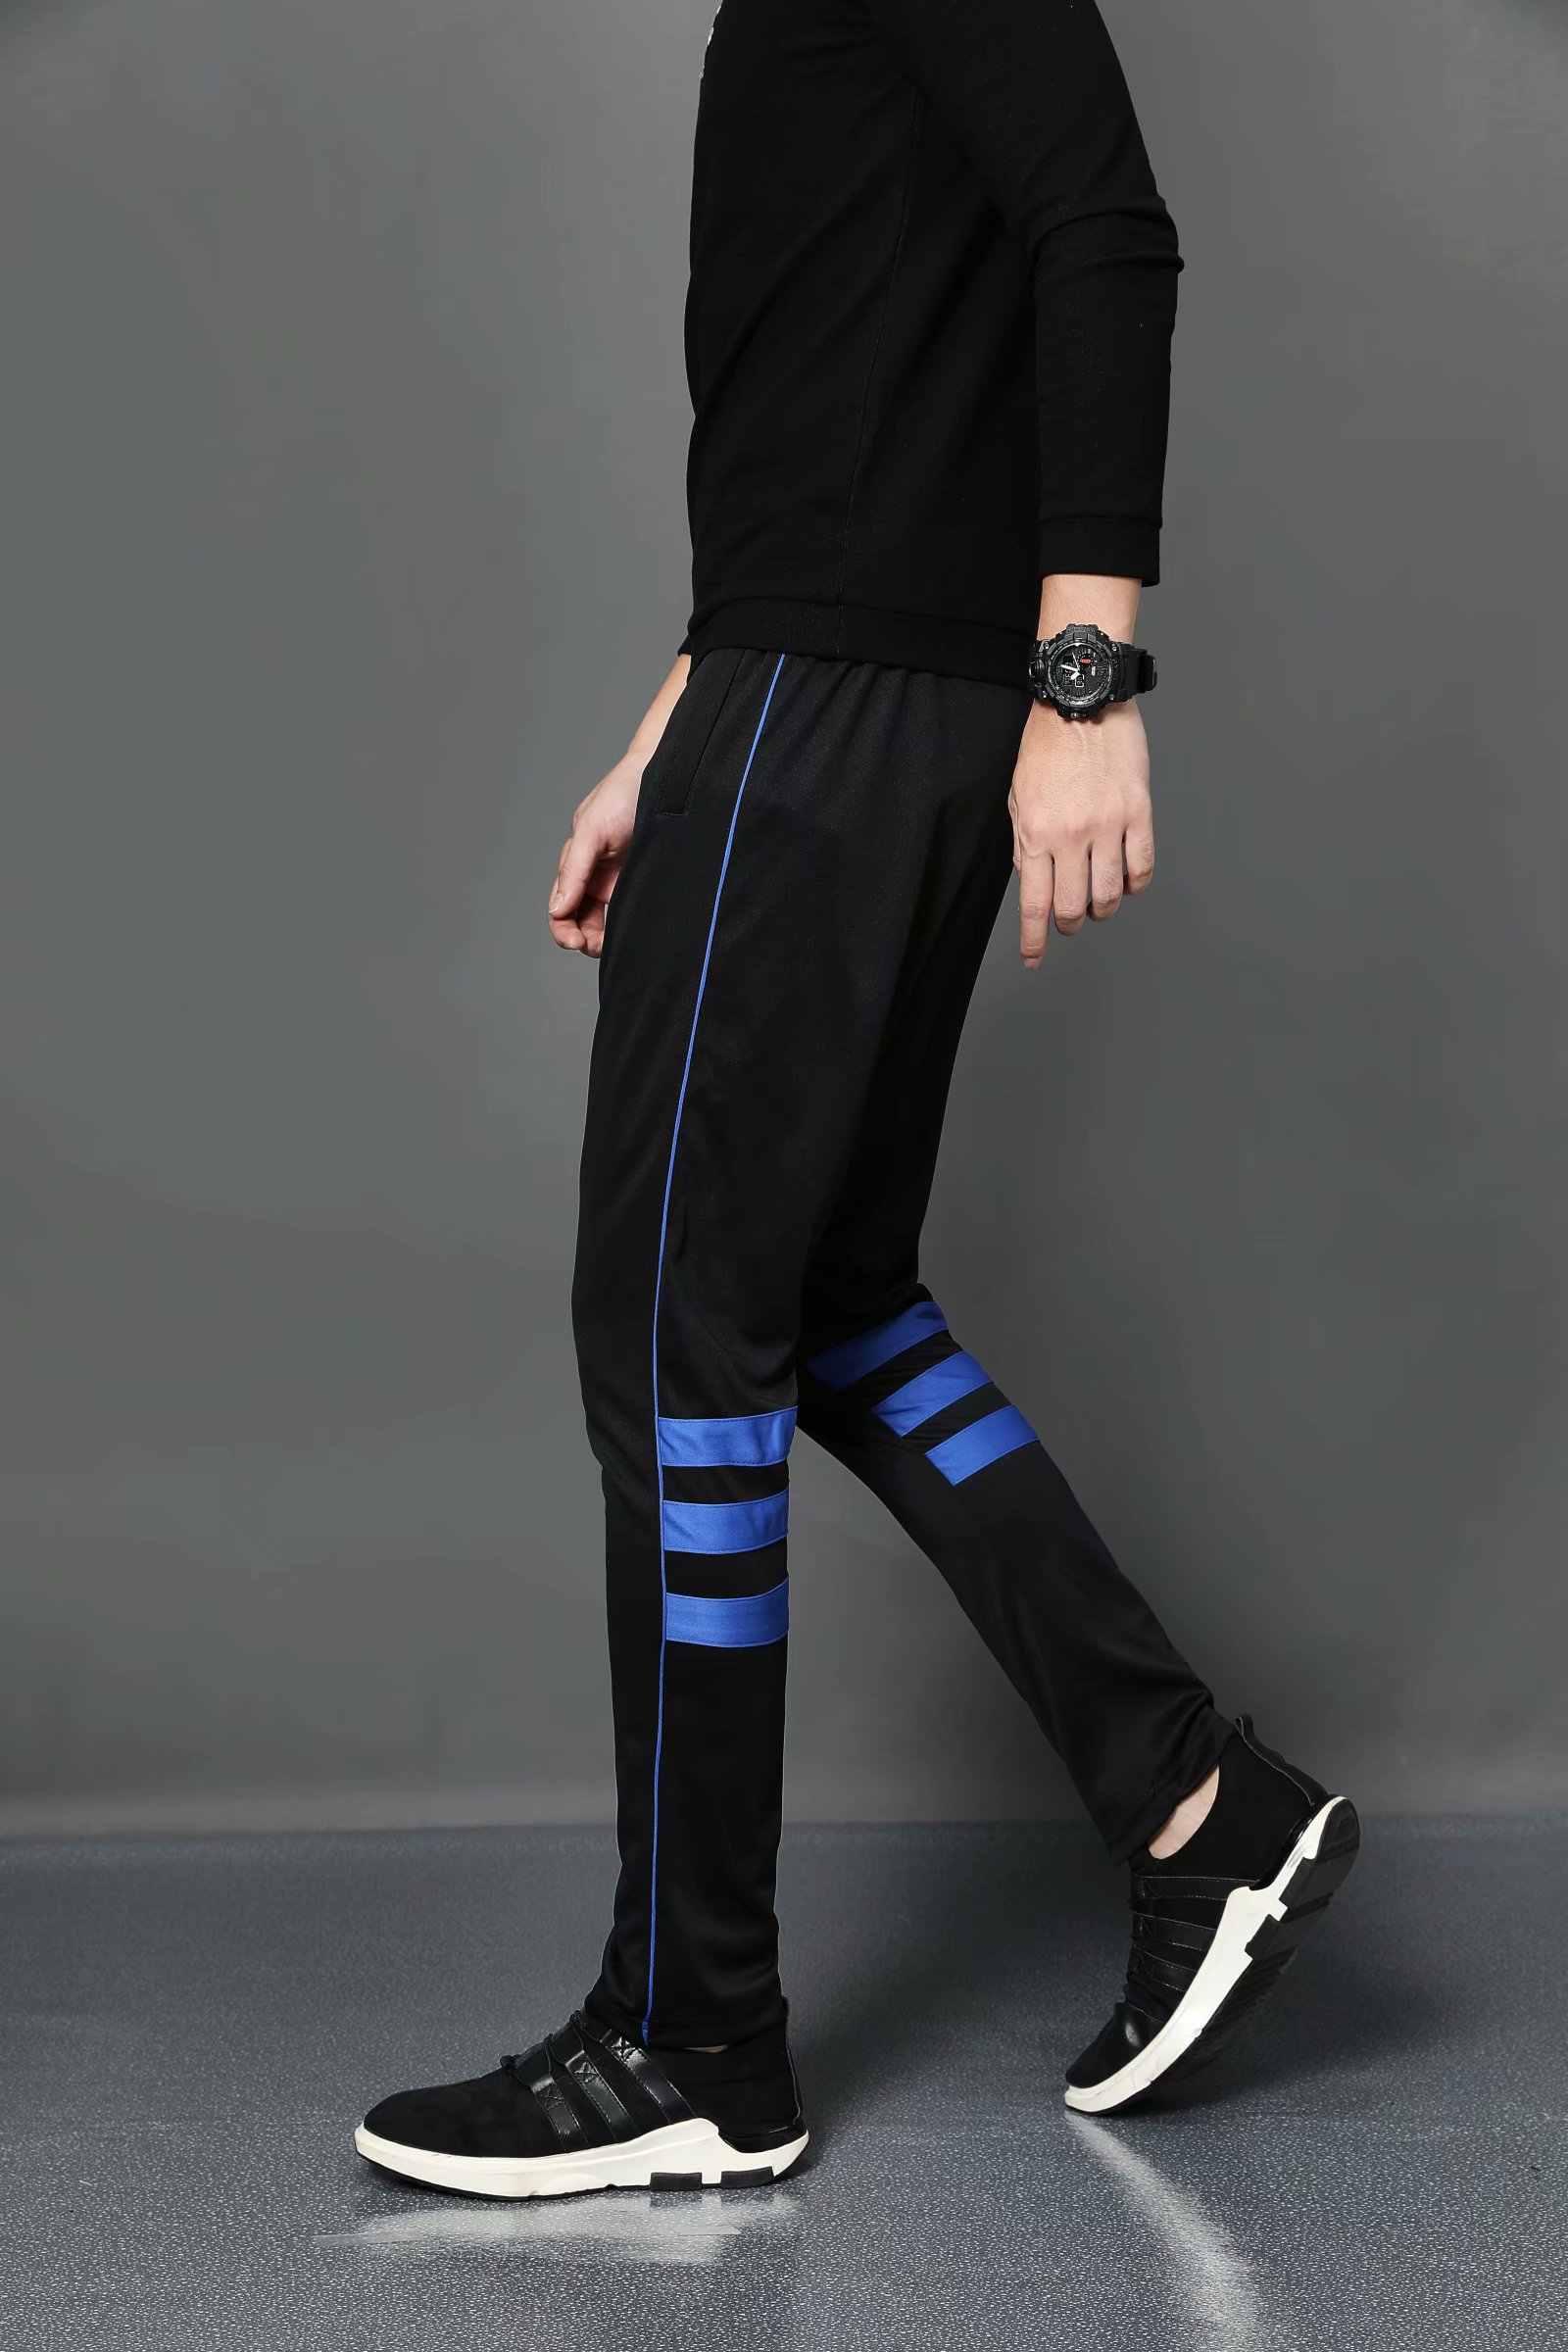 2020 primavera ginásio dos homens de treinamento jogging calças dos corredores dos homens magro ajuste futebol sweatpants algodão workout correndo calças esportivas